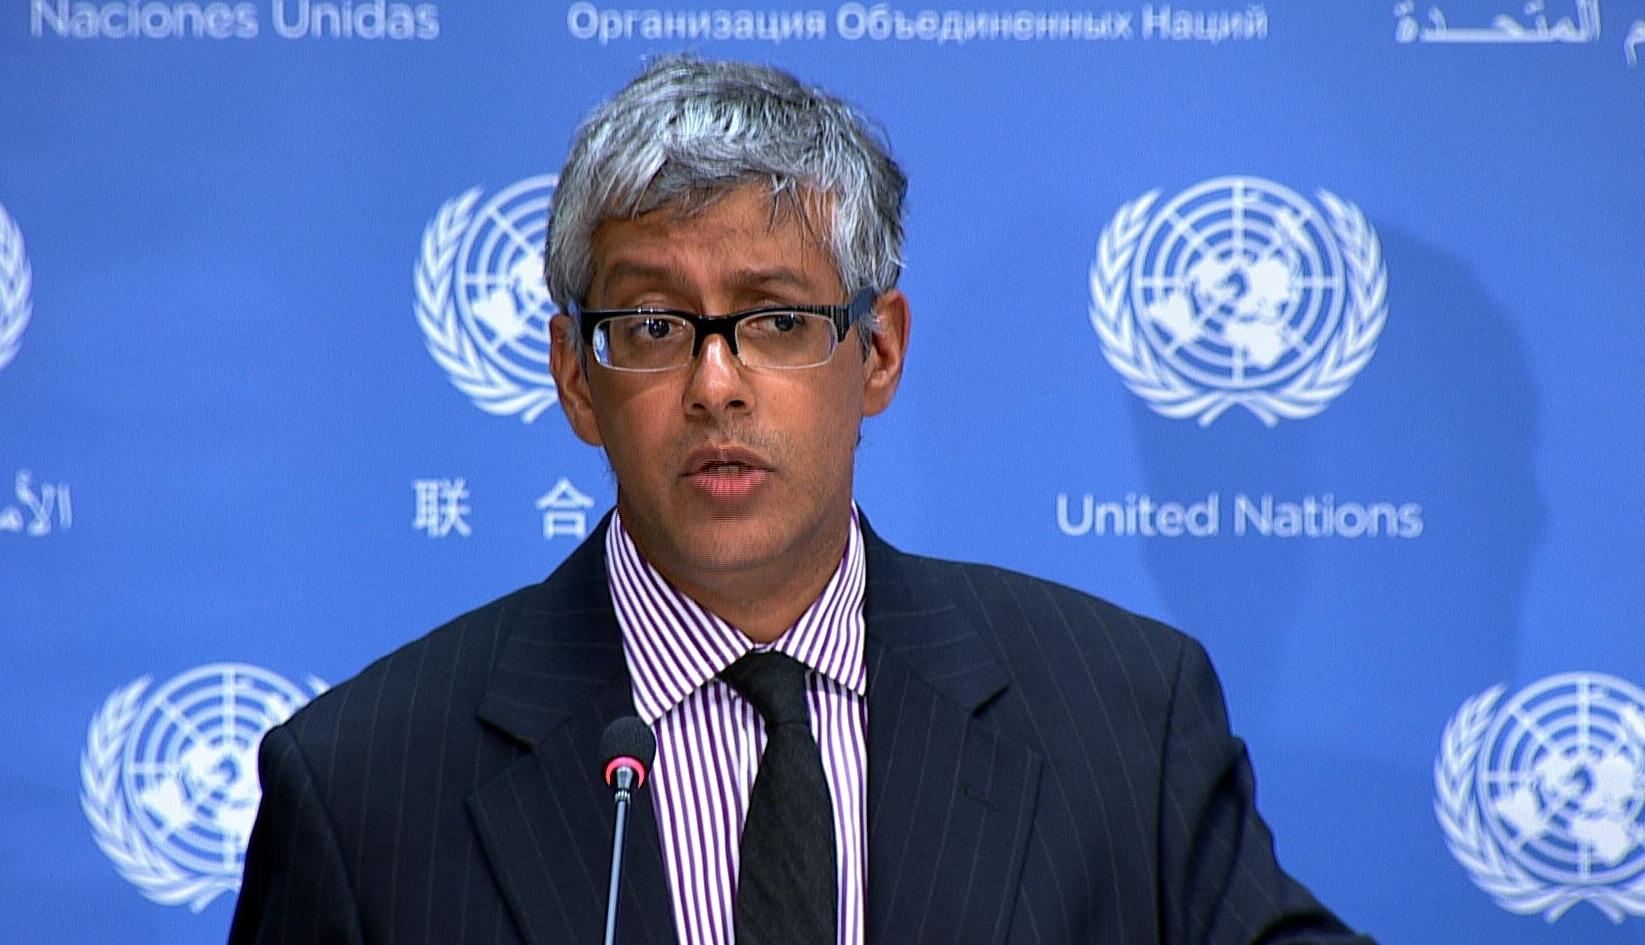 Farhan Haq, porte-parole adjoint du secrétaire général de l'ONU. D. R.